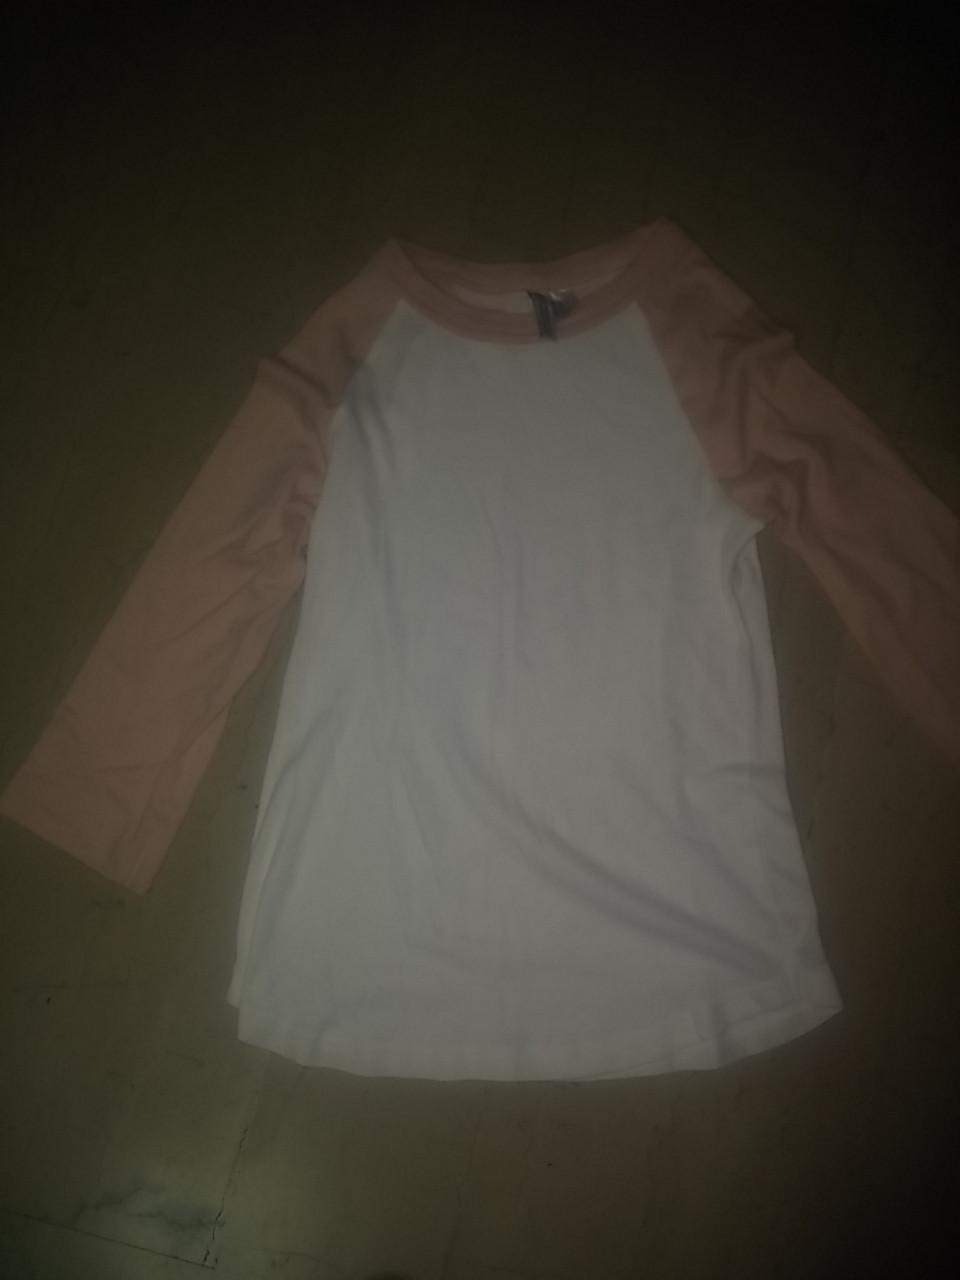 ΕΚΛΕΙΣΕ  Χειμωνιάτικα ρούχα για κορίτσι - XARISETO.GR f37b0c76bd0